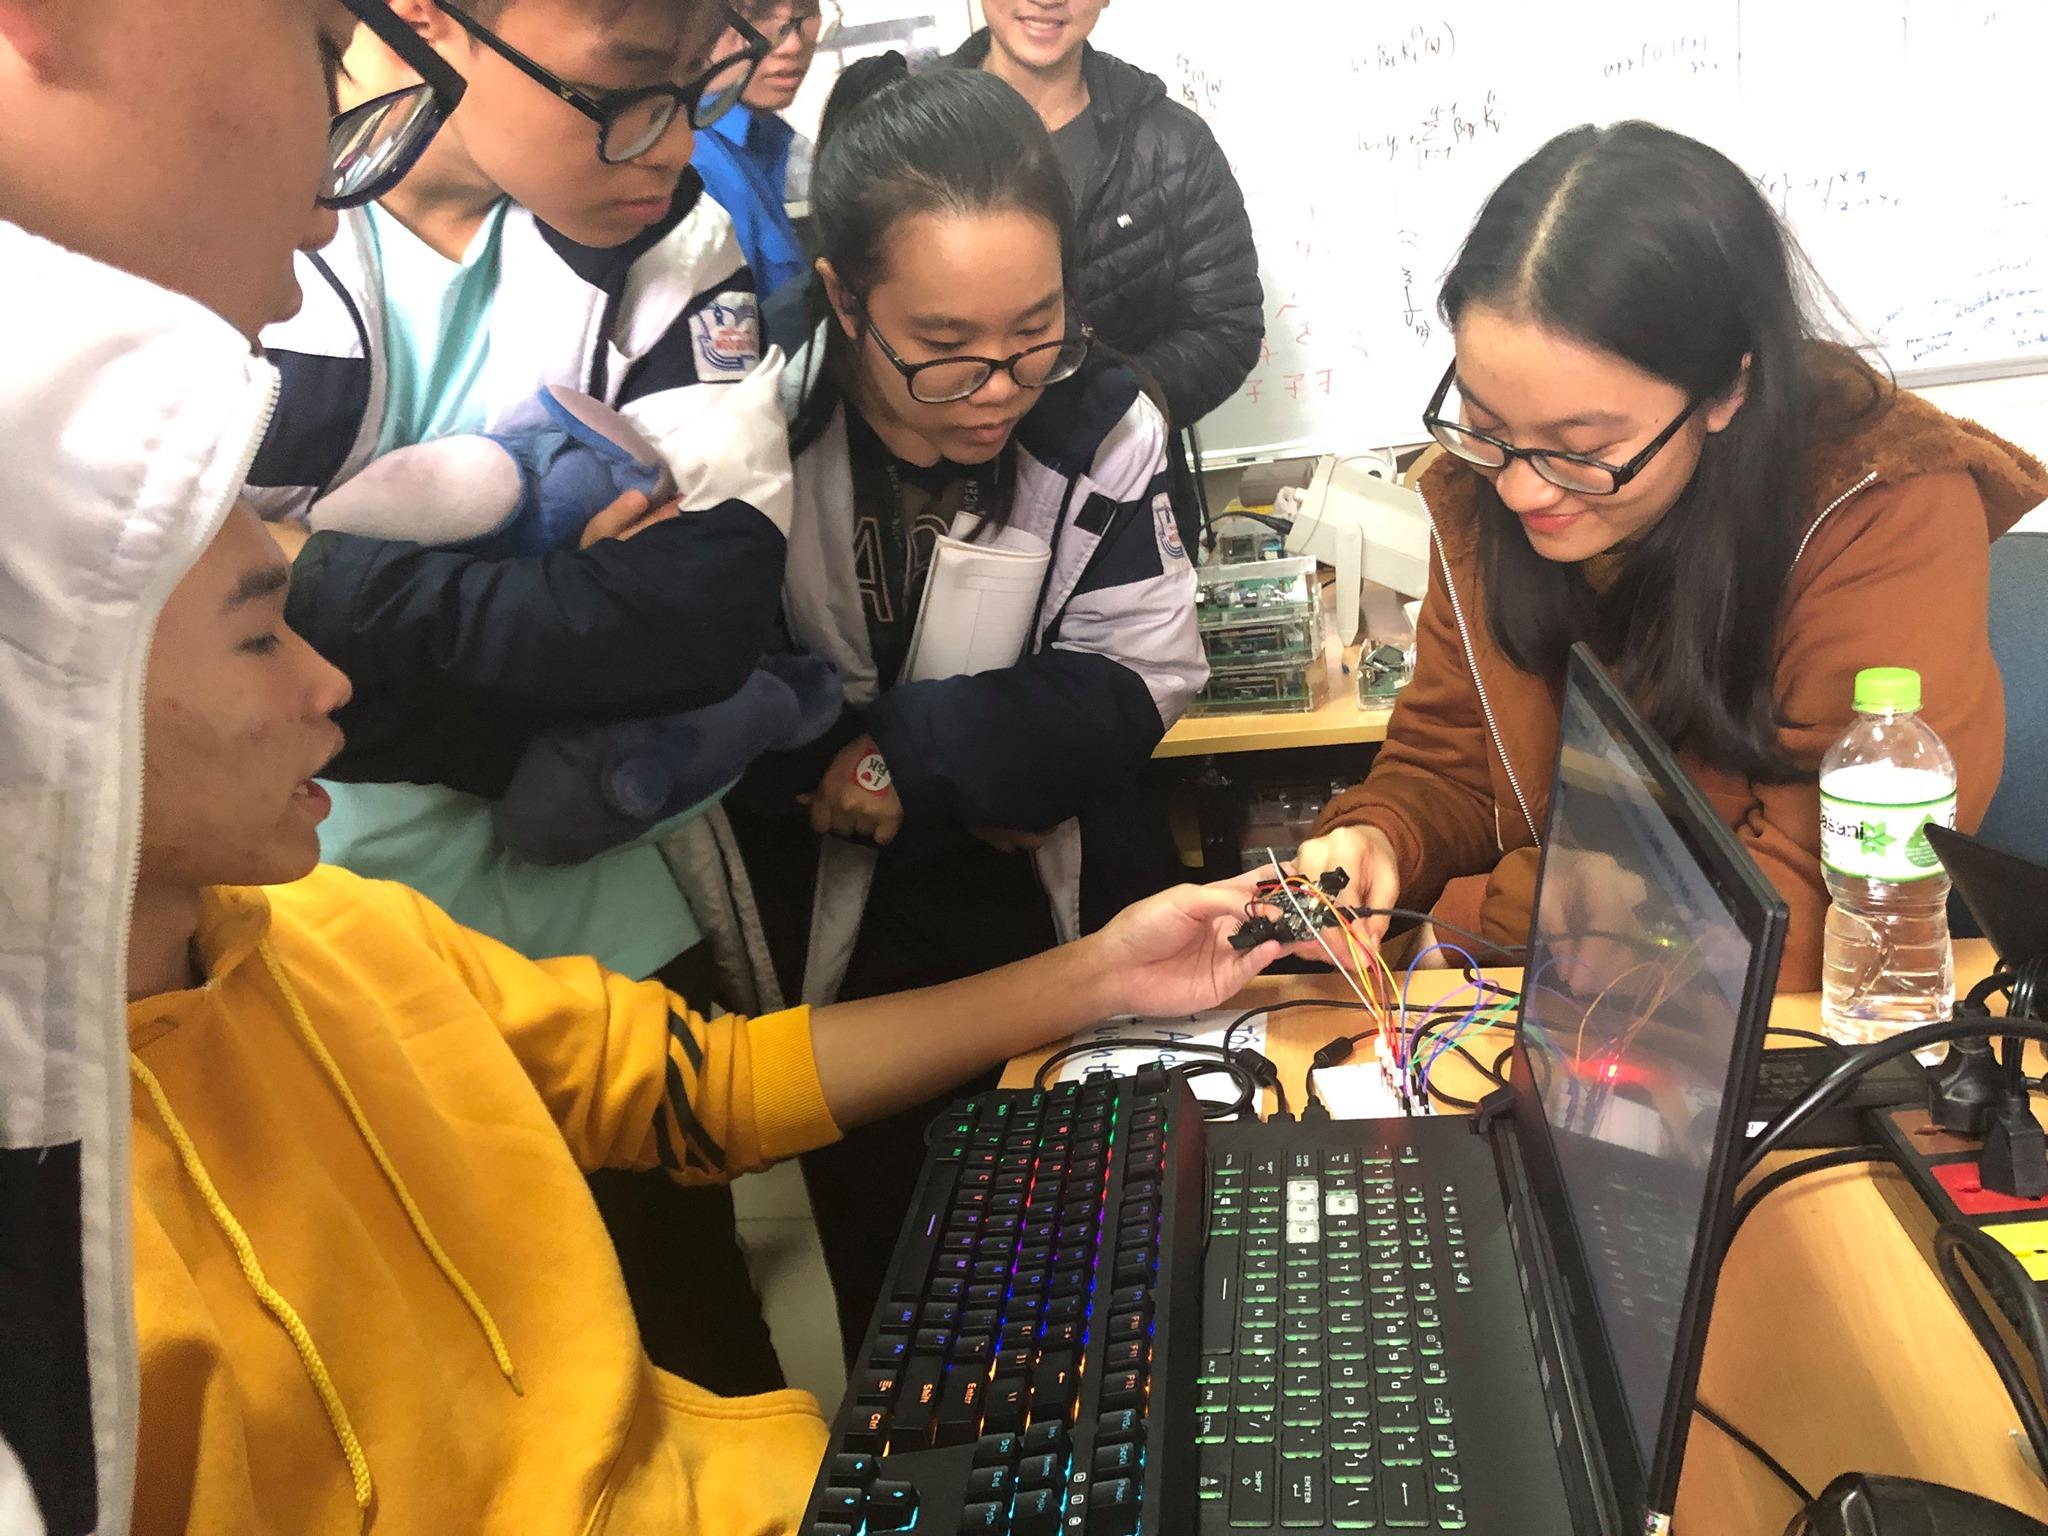 Sinh viên hướng dẫn kỹ thuật cho các bạn học sinh về cấu phần cơ bản của linh kiện điện tử và lập trình. Ảnh: Air SENSE